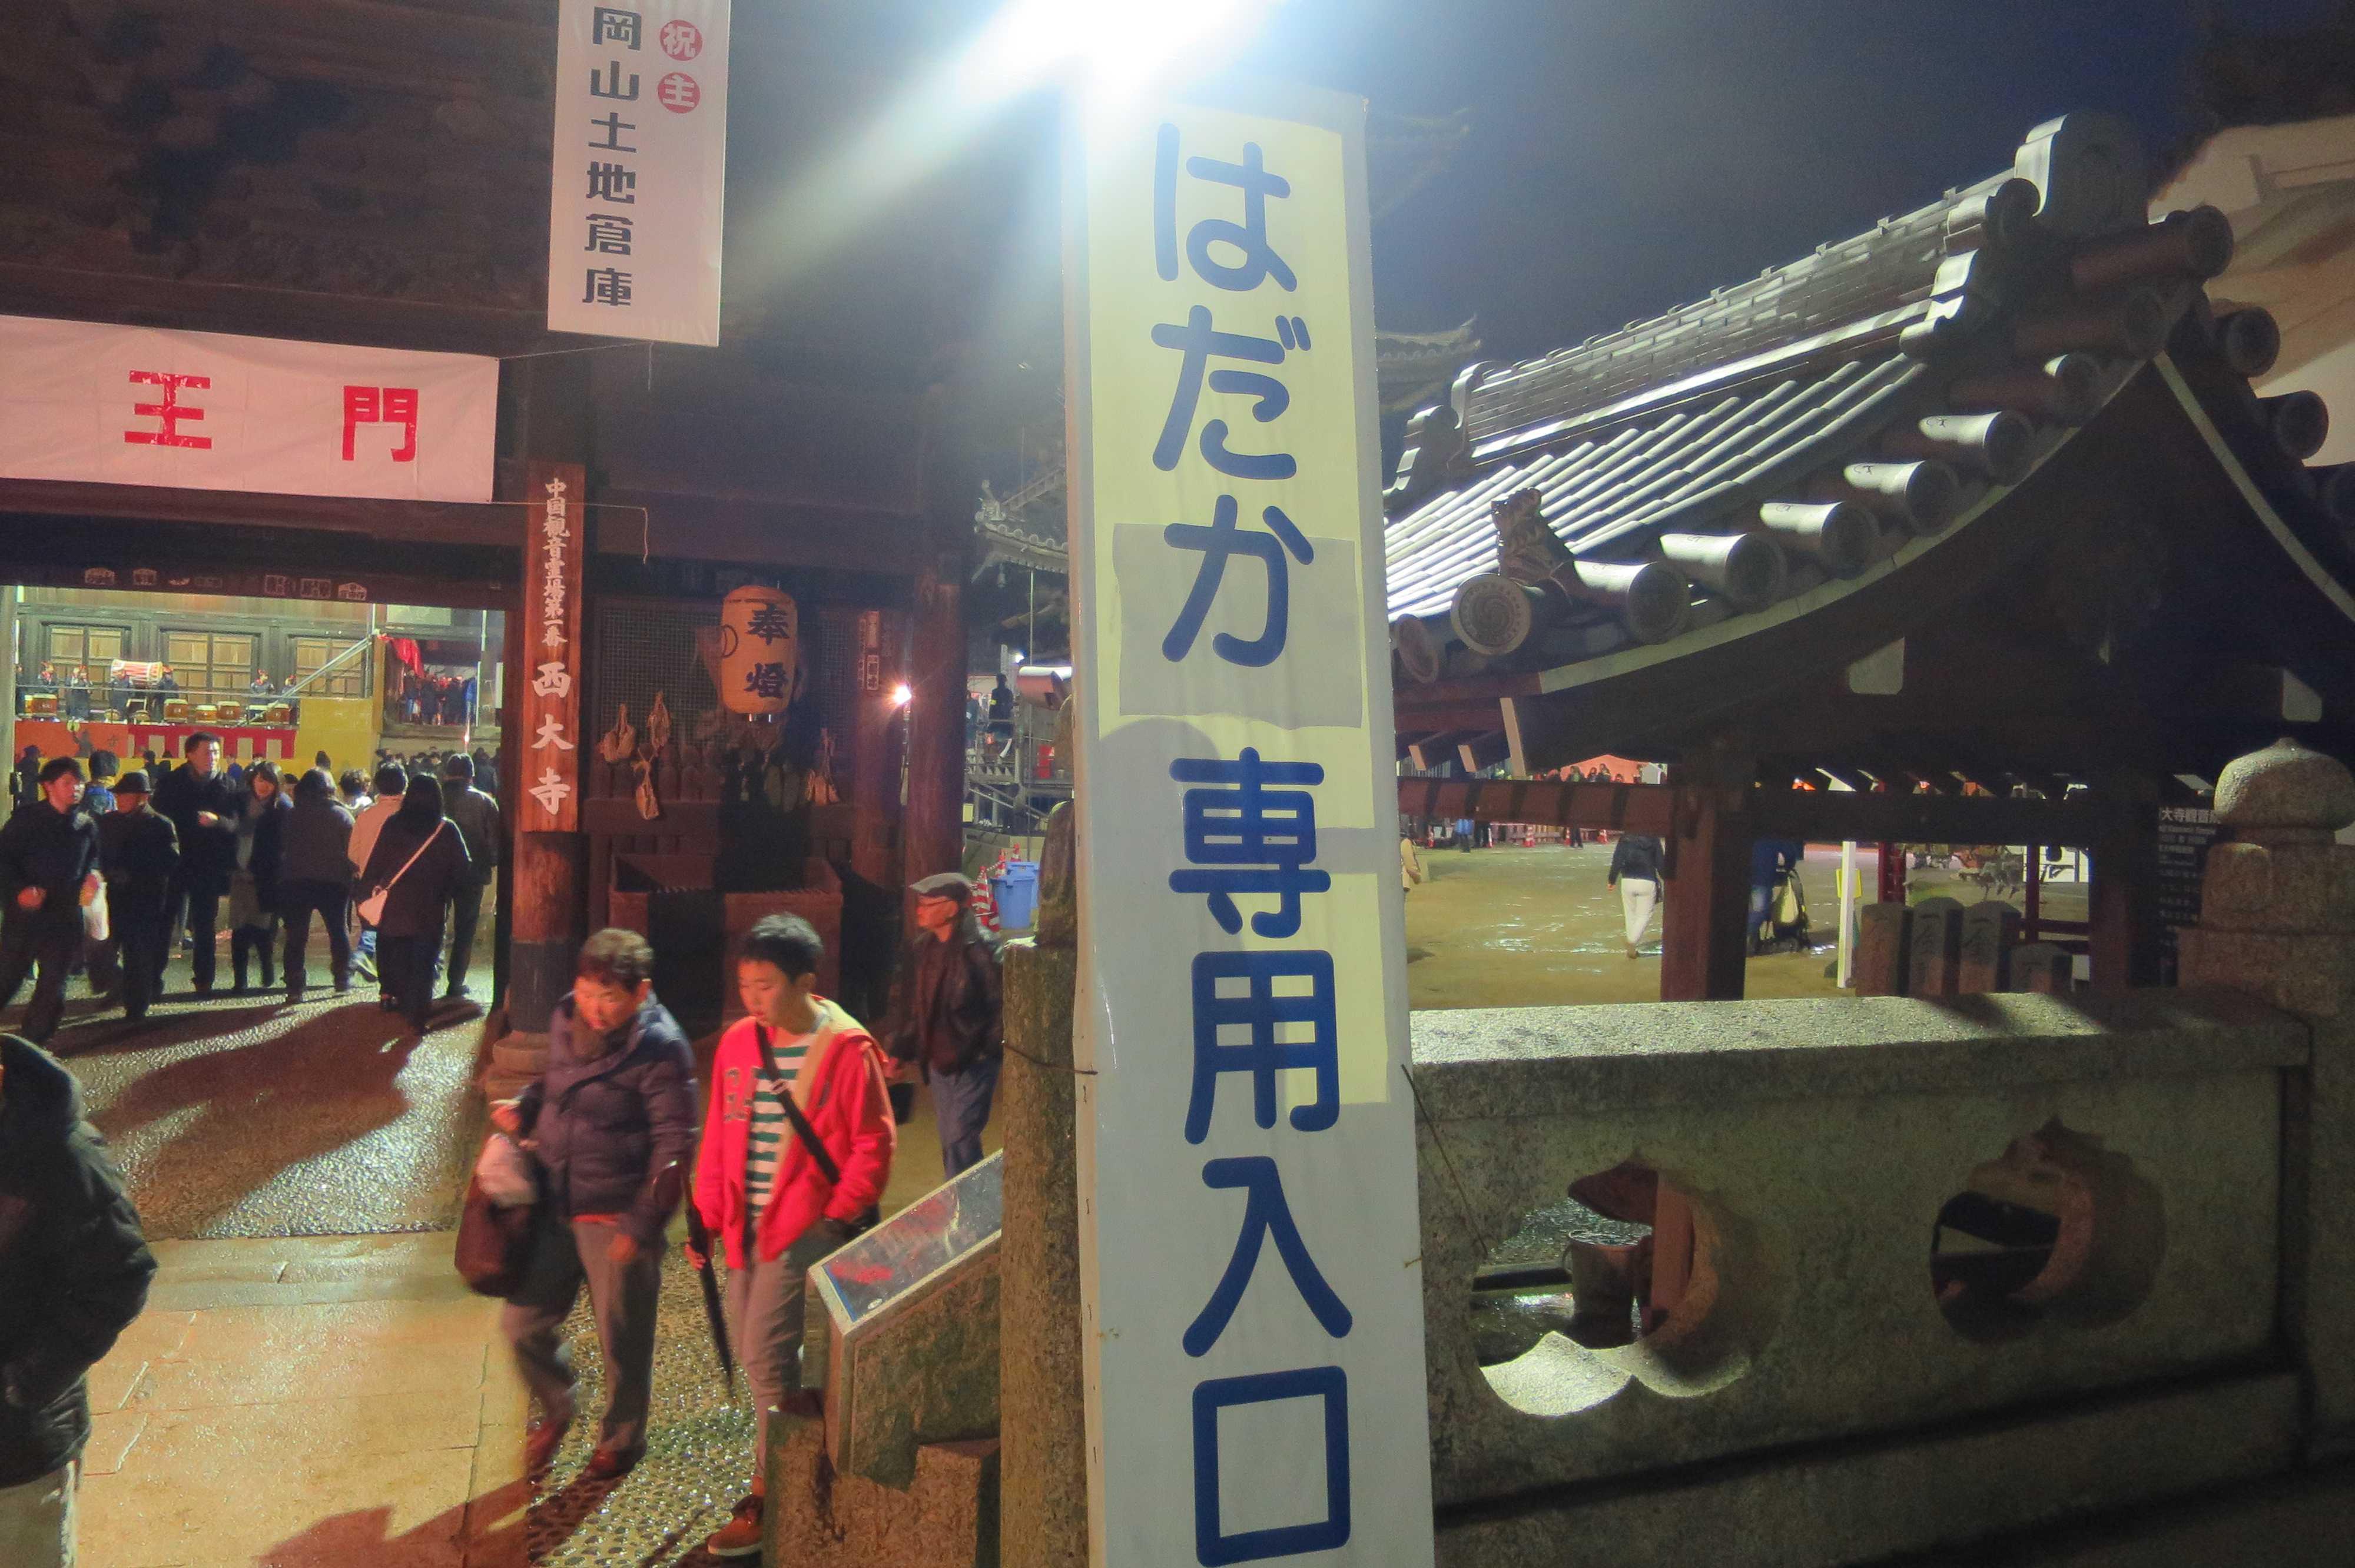 西大寺会陽 - はだか専用入口